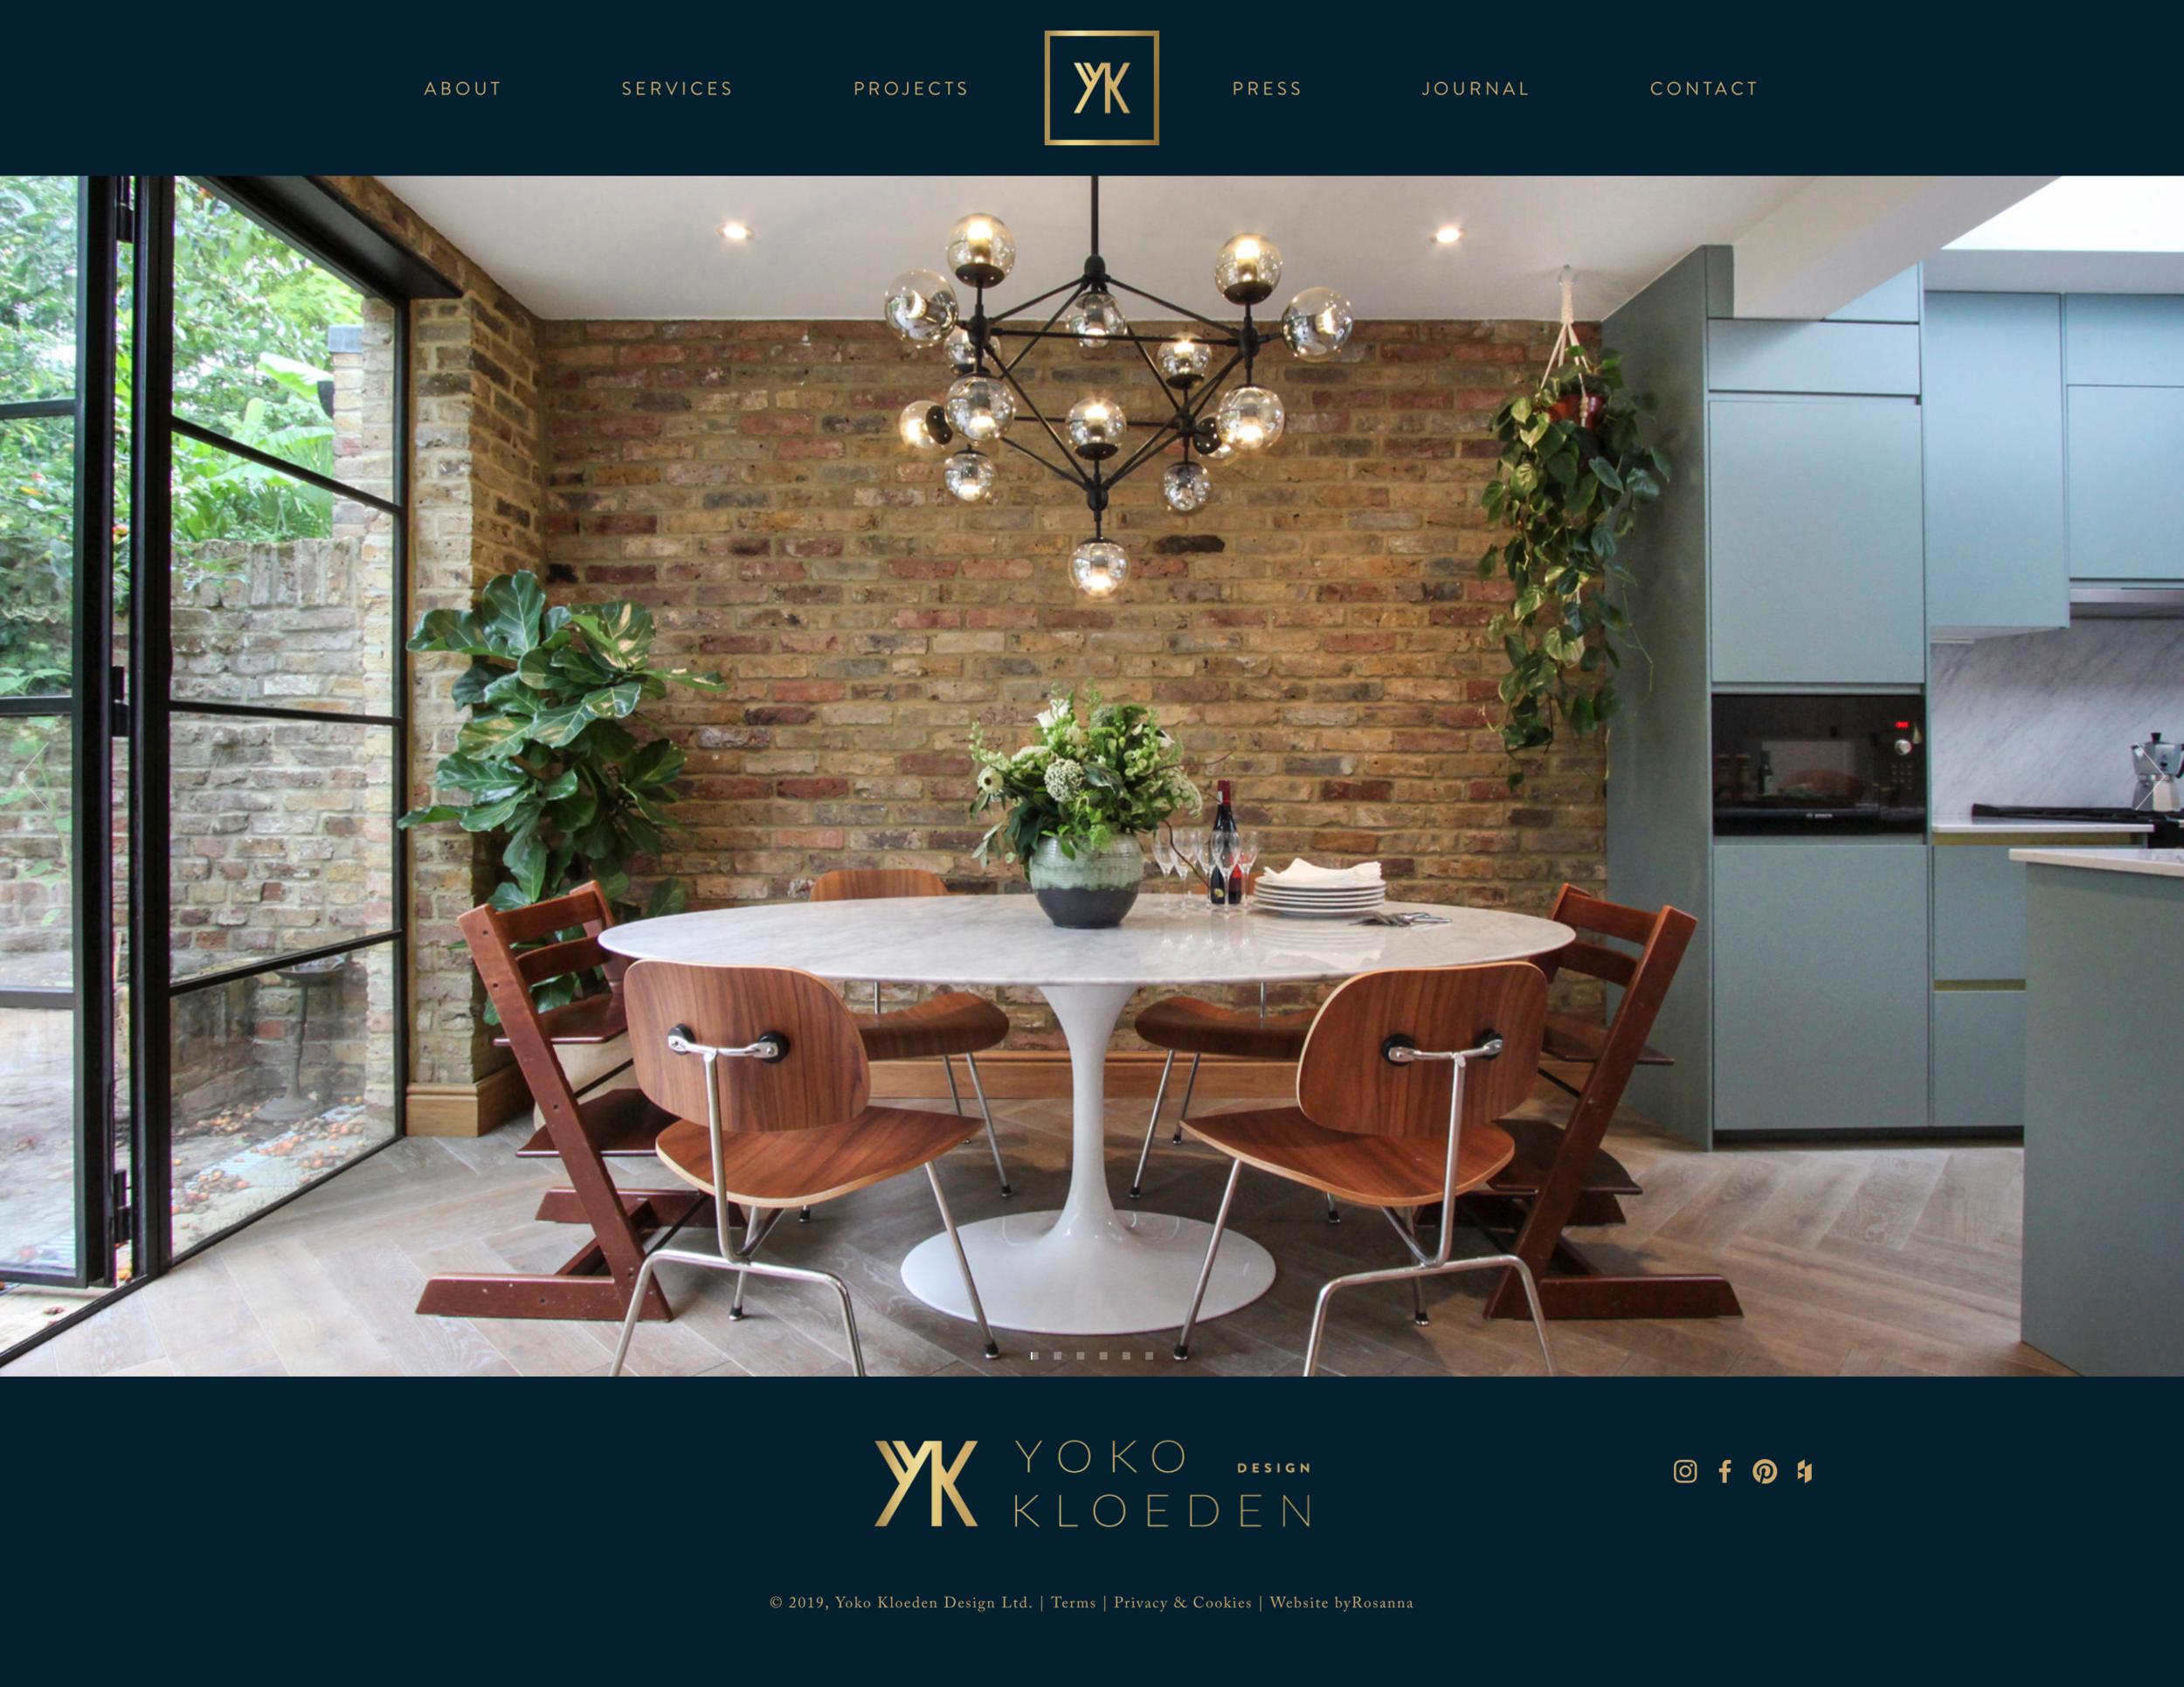 Yoko Kloeden Squarespace website design